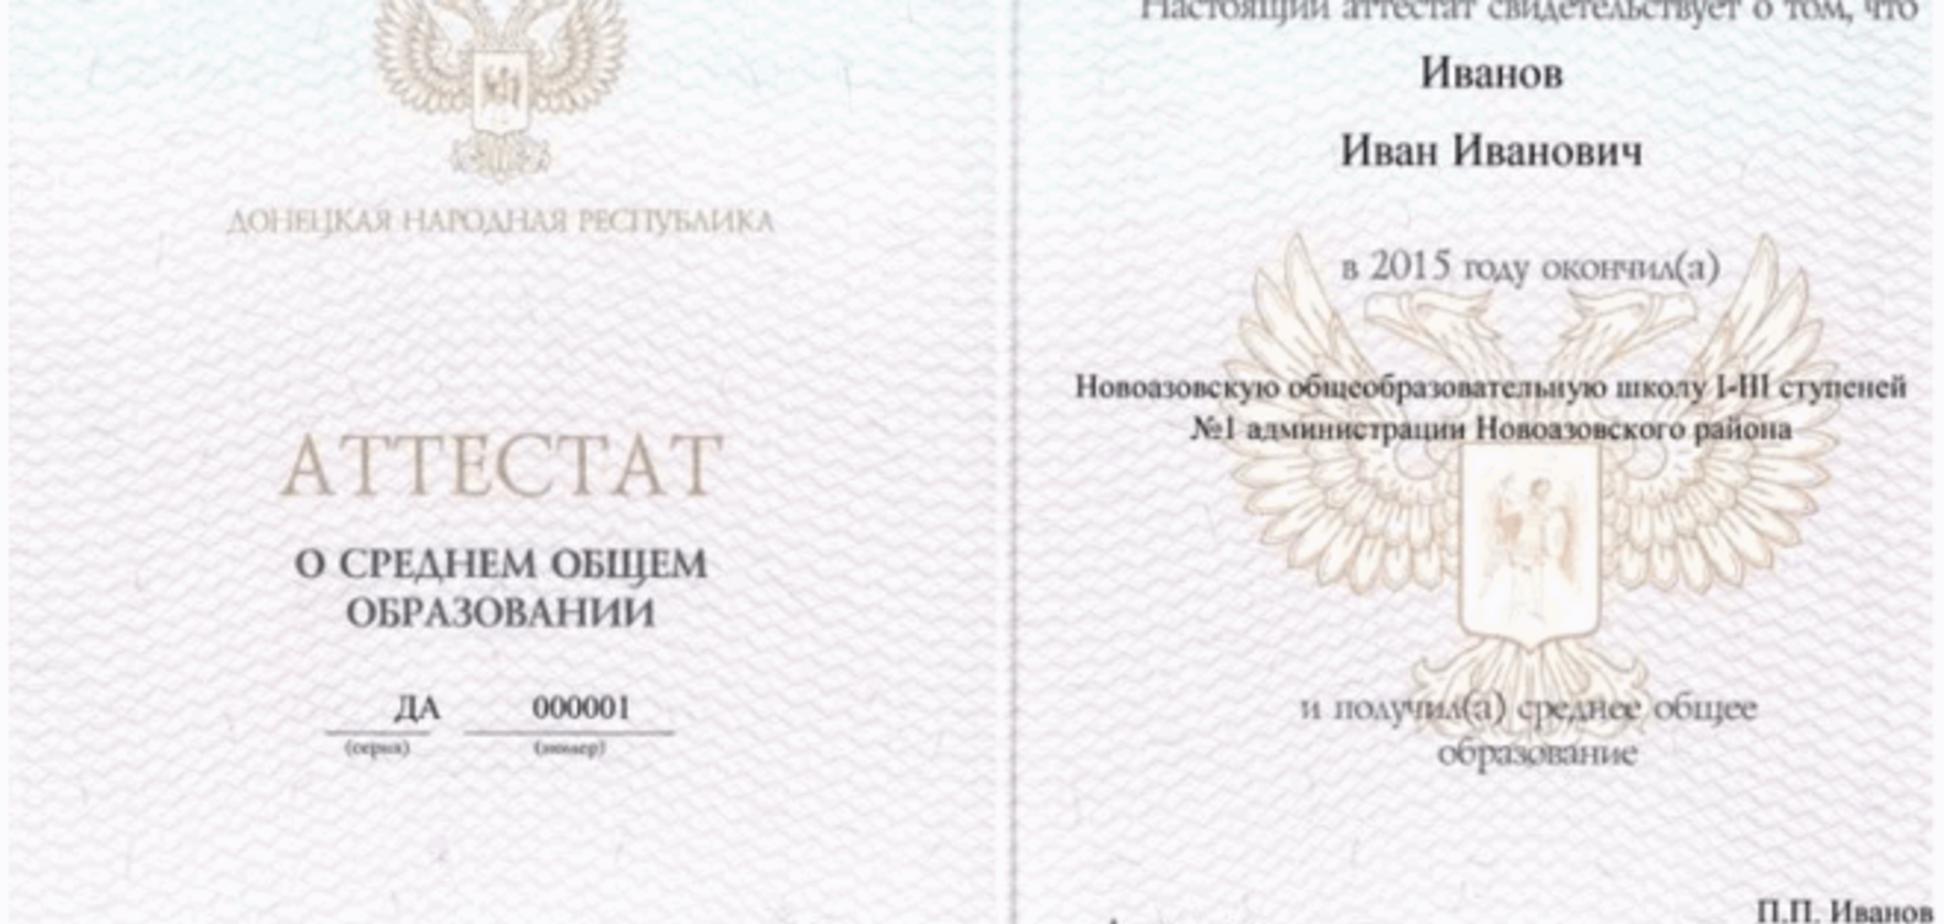 Двоголовий, народний: в мережу потрапили зразки шкільних атестатів 'ДНР'